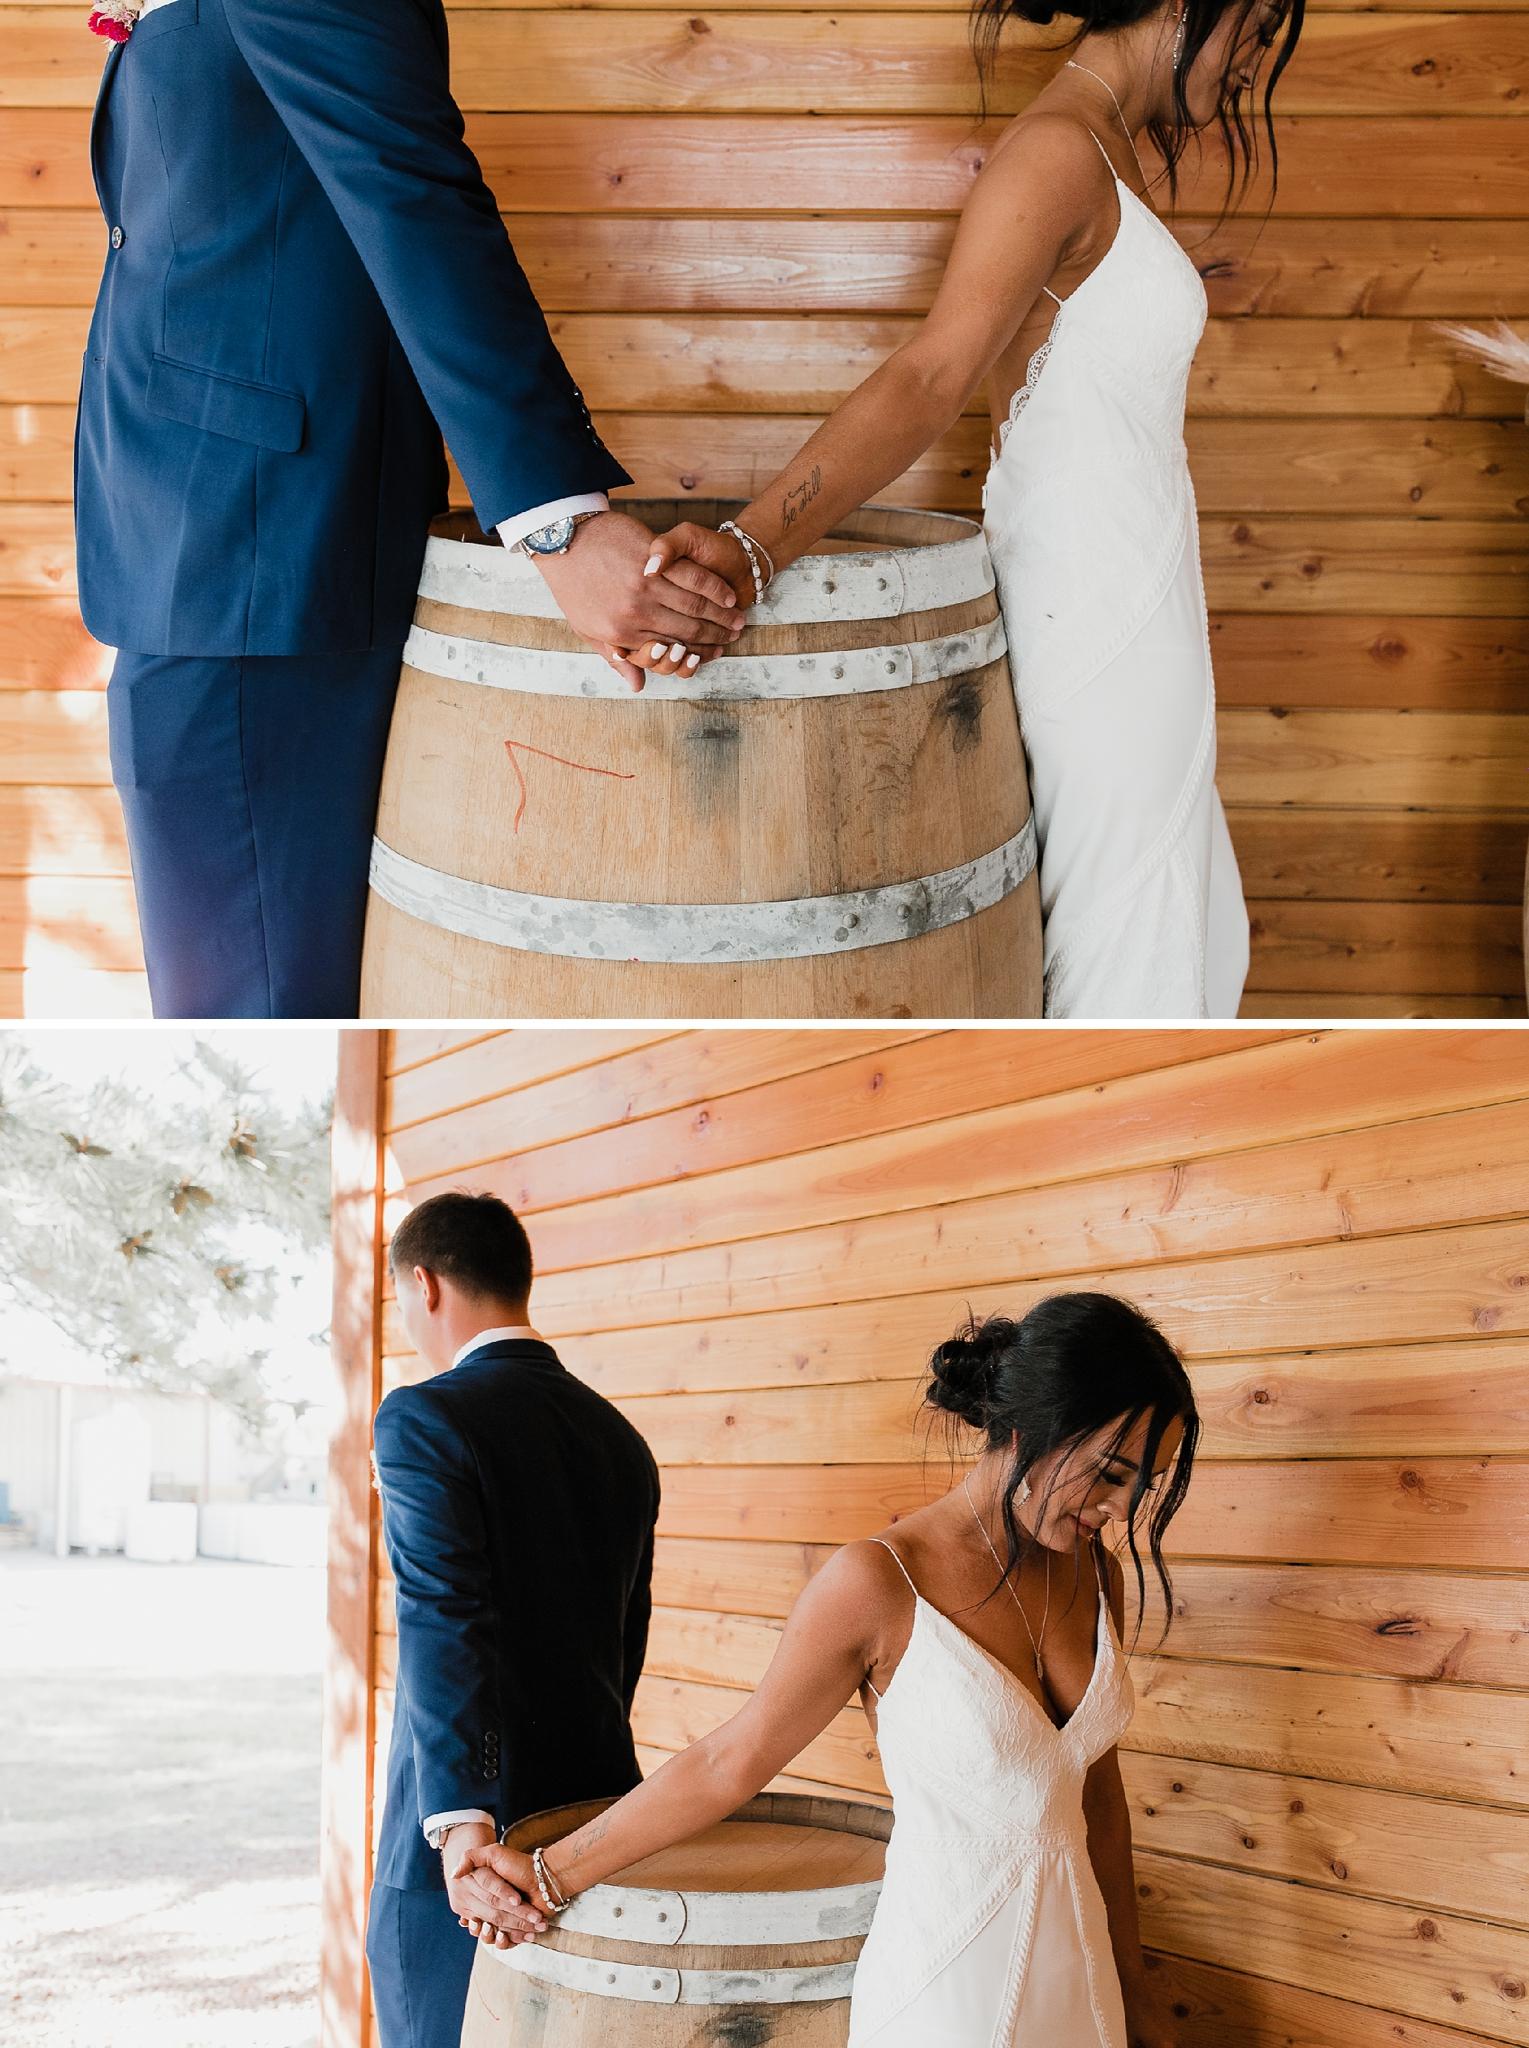 Alicia+lucia+photography+-+albuquerque+wedding+photographer+-+santa+fe+wedding+photography+-+new+mexico+wedding+photographer+-+new+mexico+wedding+-+new+mexico+wedding+-+barn+wedding+-+enchanted+vine+barn+wedding+-+ruidoso+wedding_0071.jpg